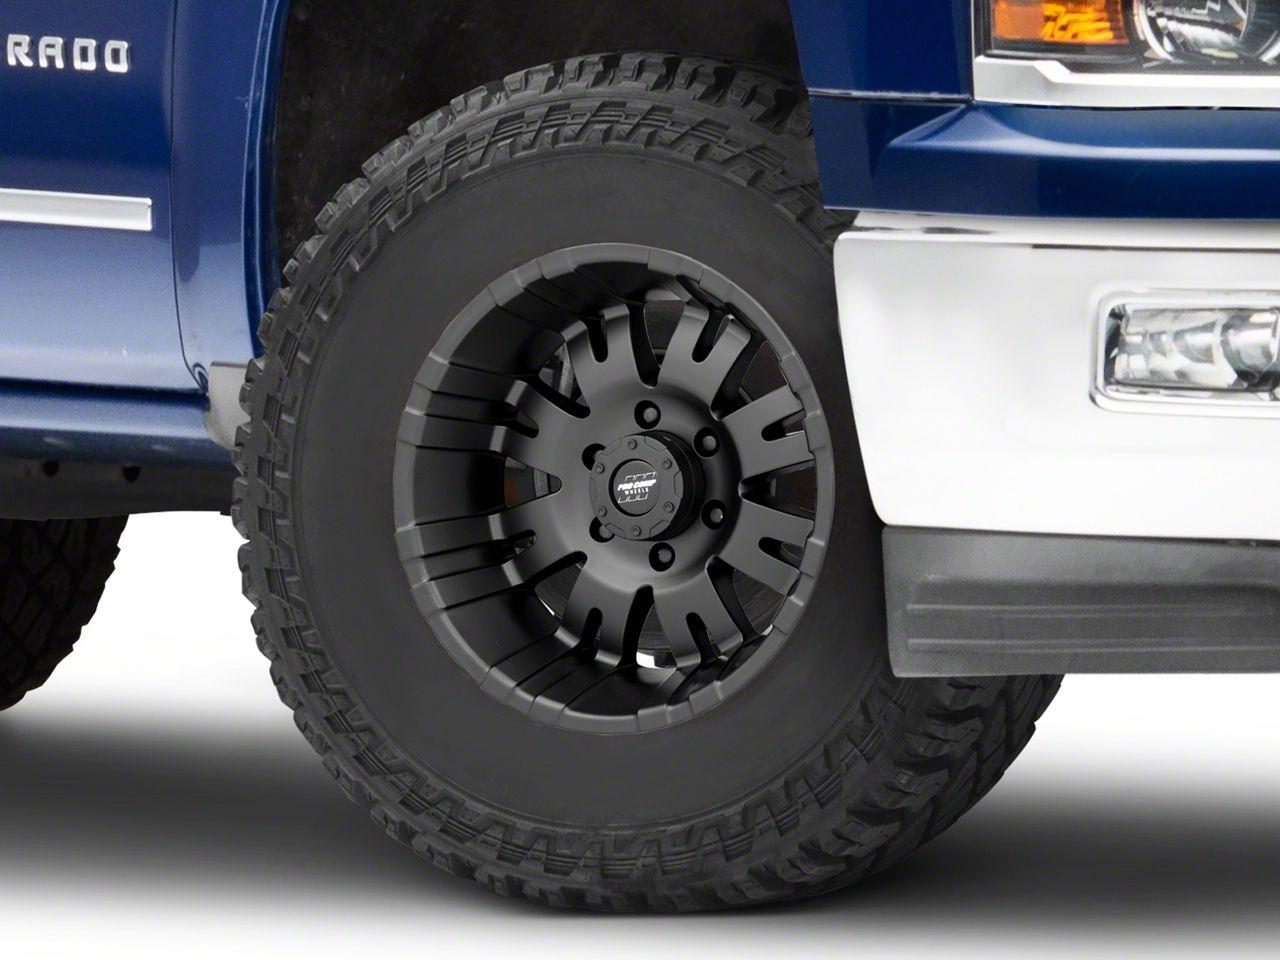 Pro Comp Series 5001 Satin Black 6-Lug Wheel - 17x9 (99-18 Silverado 1500)